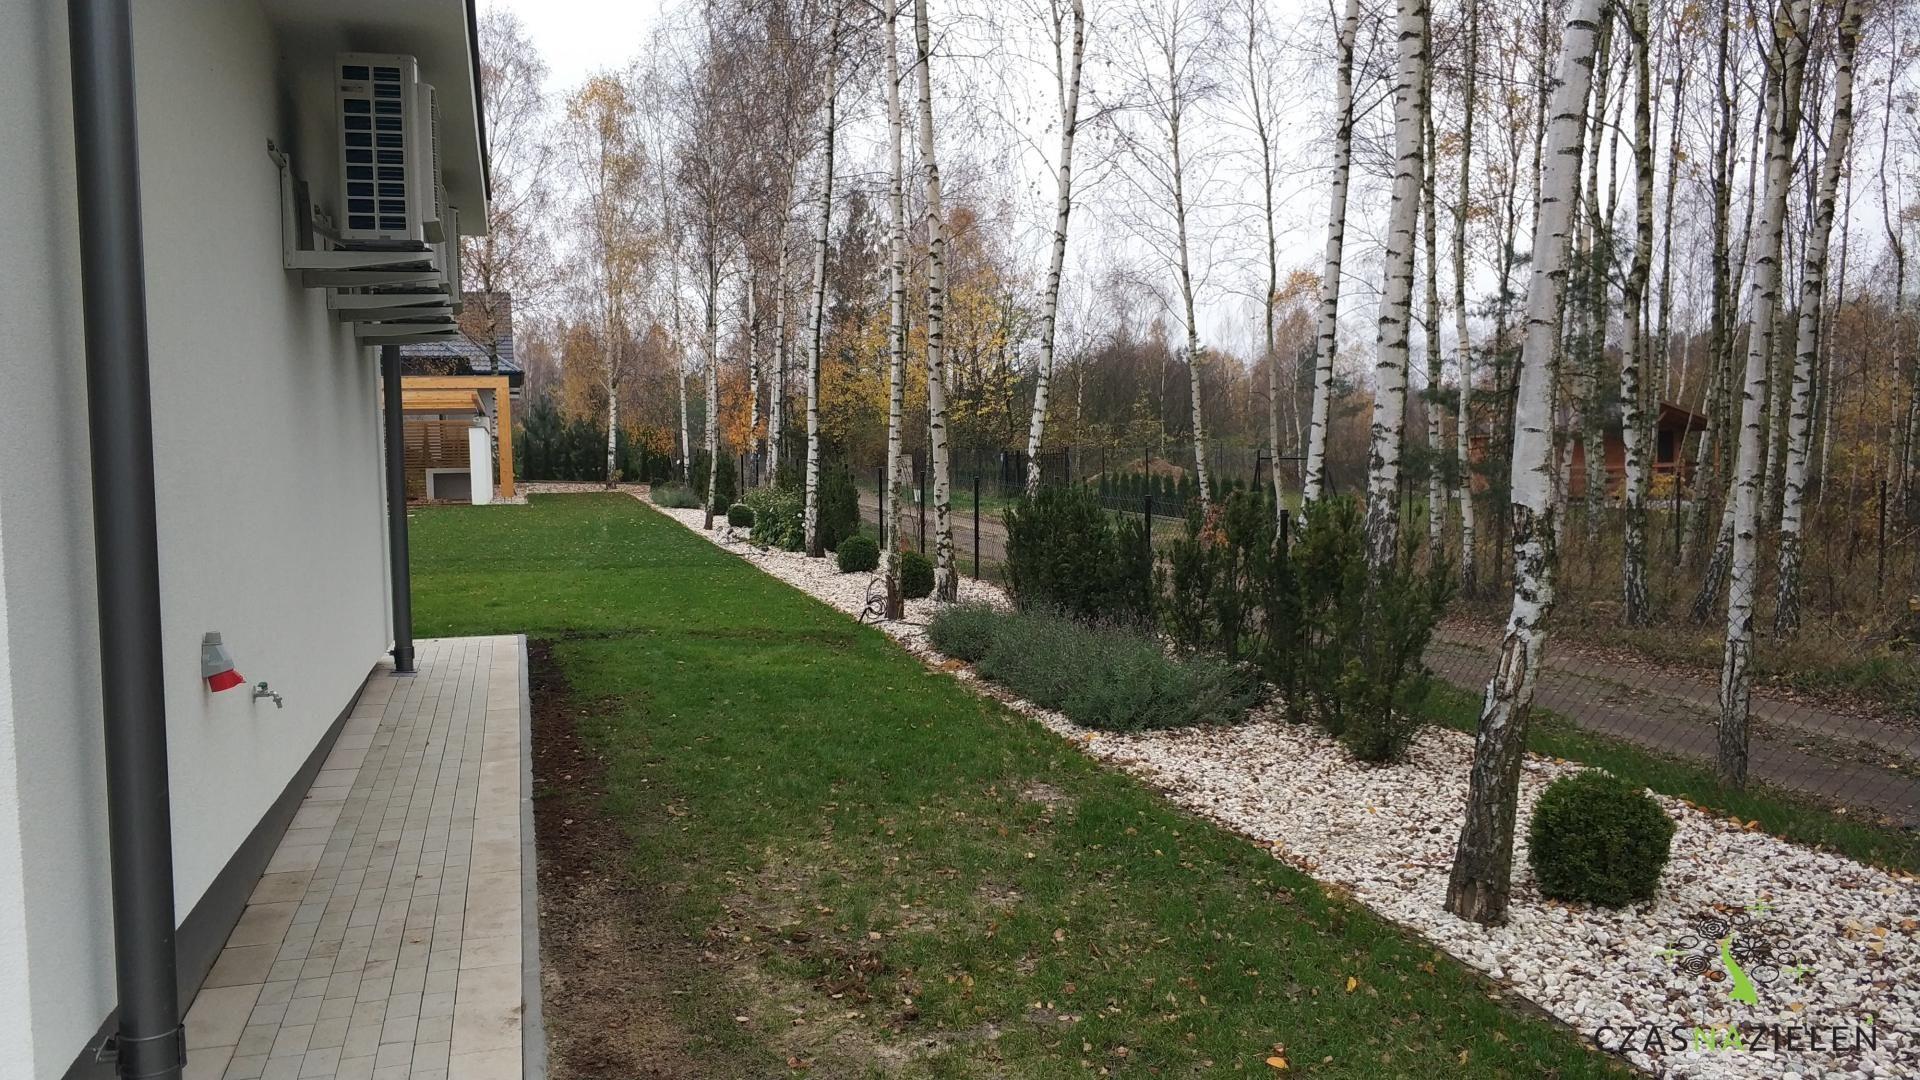 http://czasnazielen.pl/galeria/nowoczesne-ogrody-lodz | ogród ...